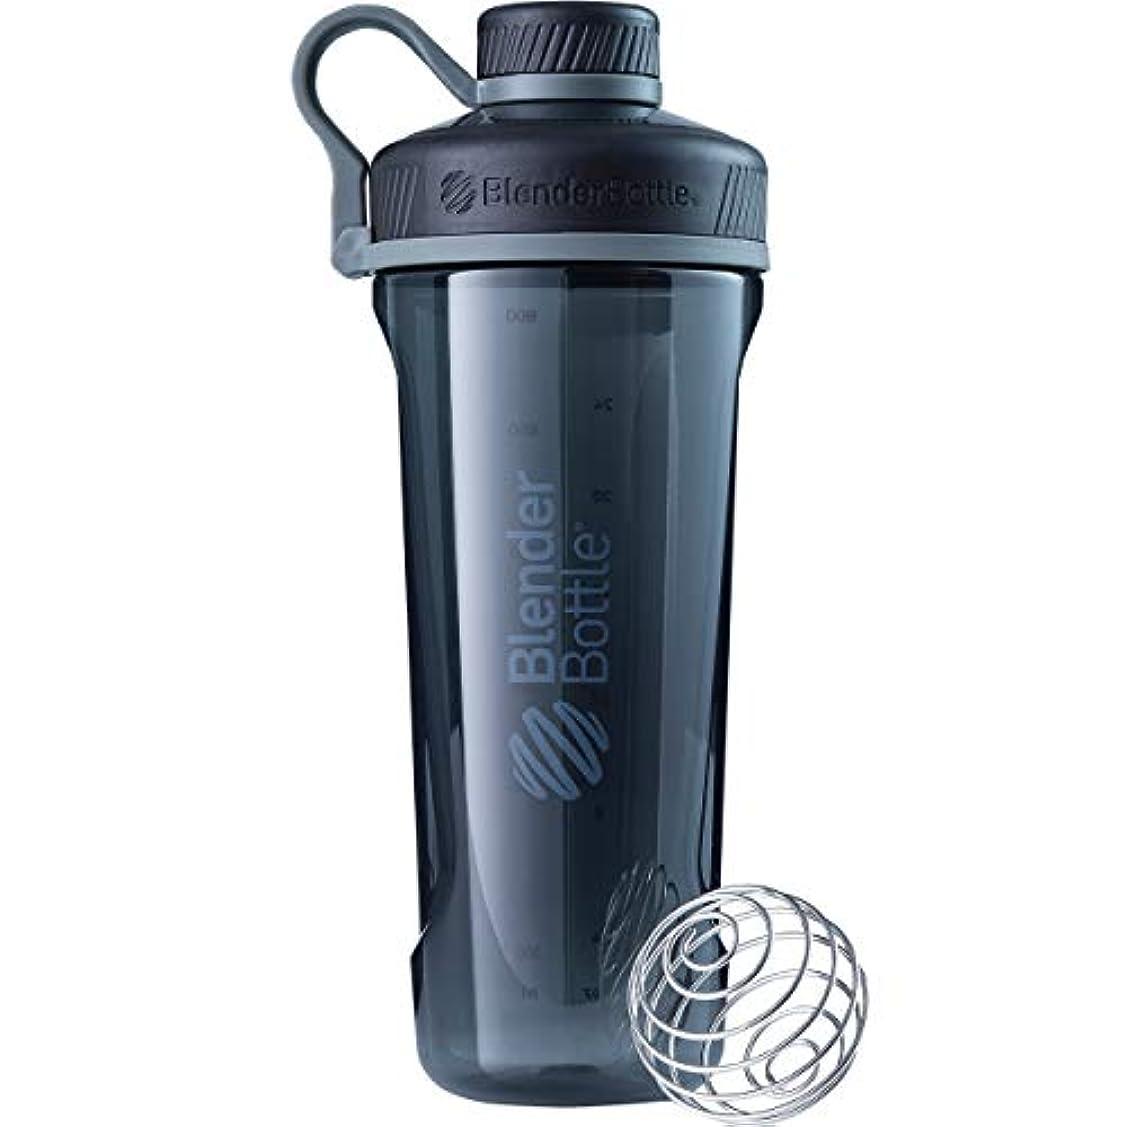 最終的に難しい見物人ブレンダーボトル 【日本正規品】 ミキサー シェーカー ボトル RADIAN (Tritan) 32オンス (940ml) ブラック BBRDT32 BK